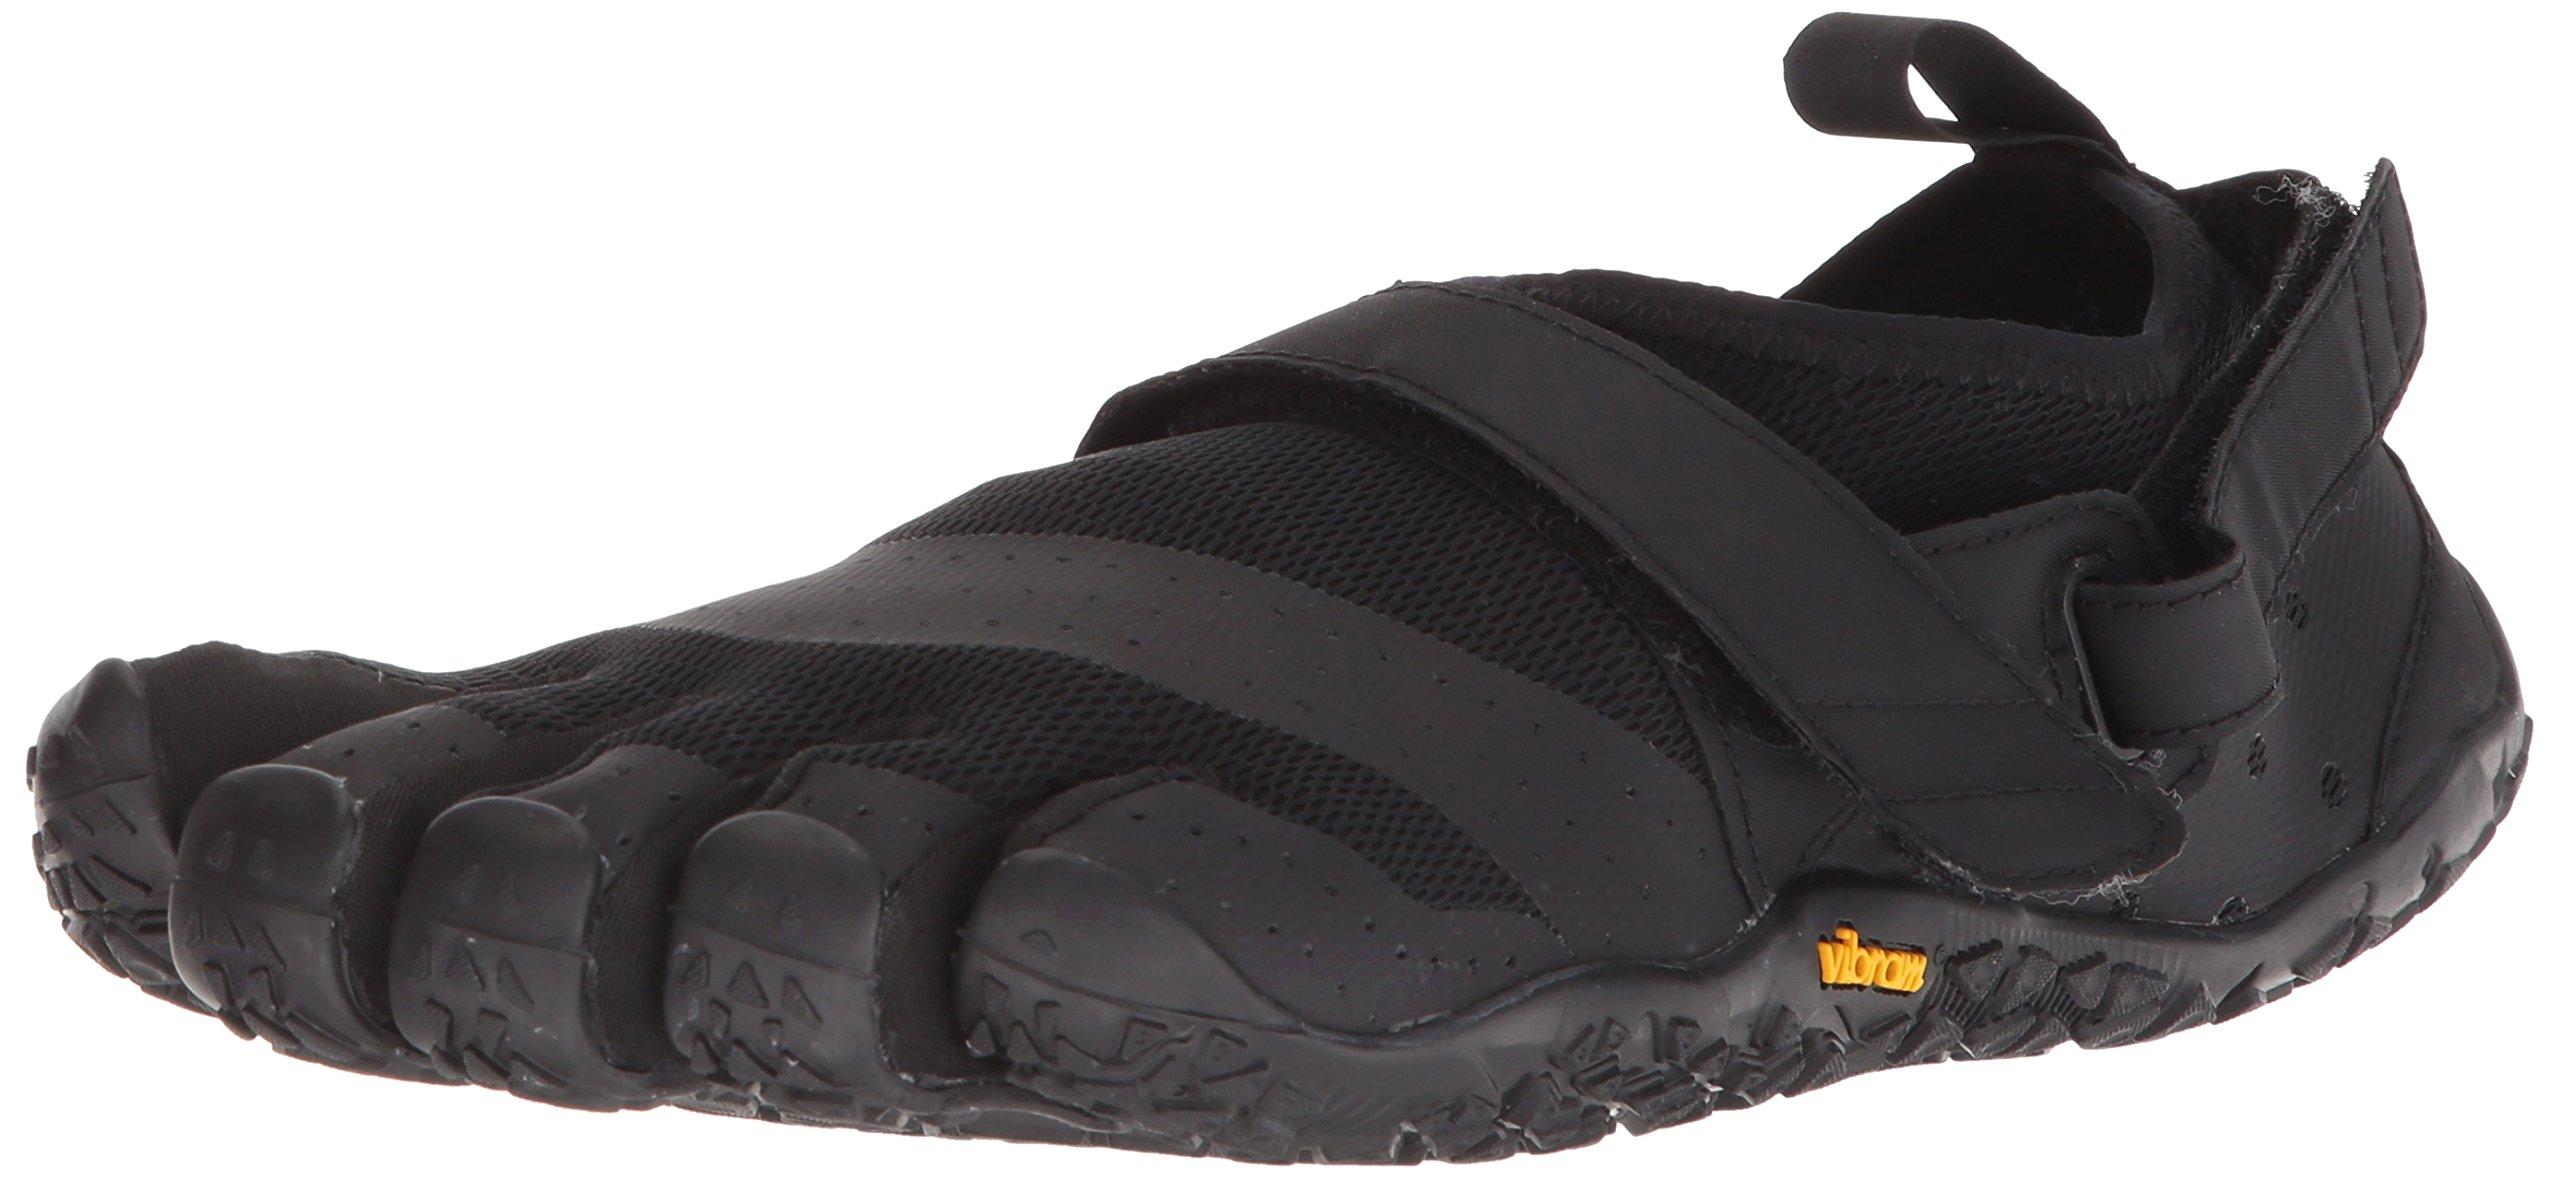 Vibram Men's V-Aqua Walking Shoe, Black, 45 EU/11.0-11.5 M US D EU (45 EU/11.0-11.5 US US)